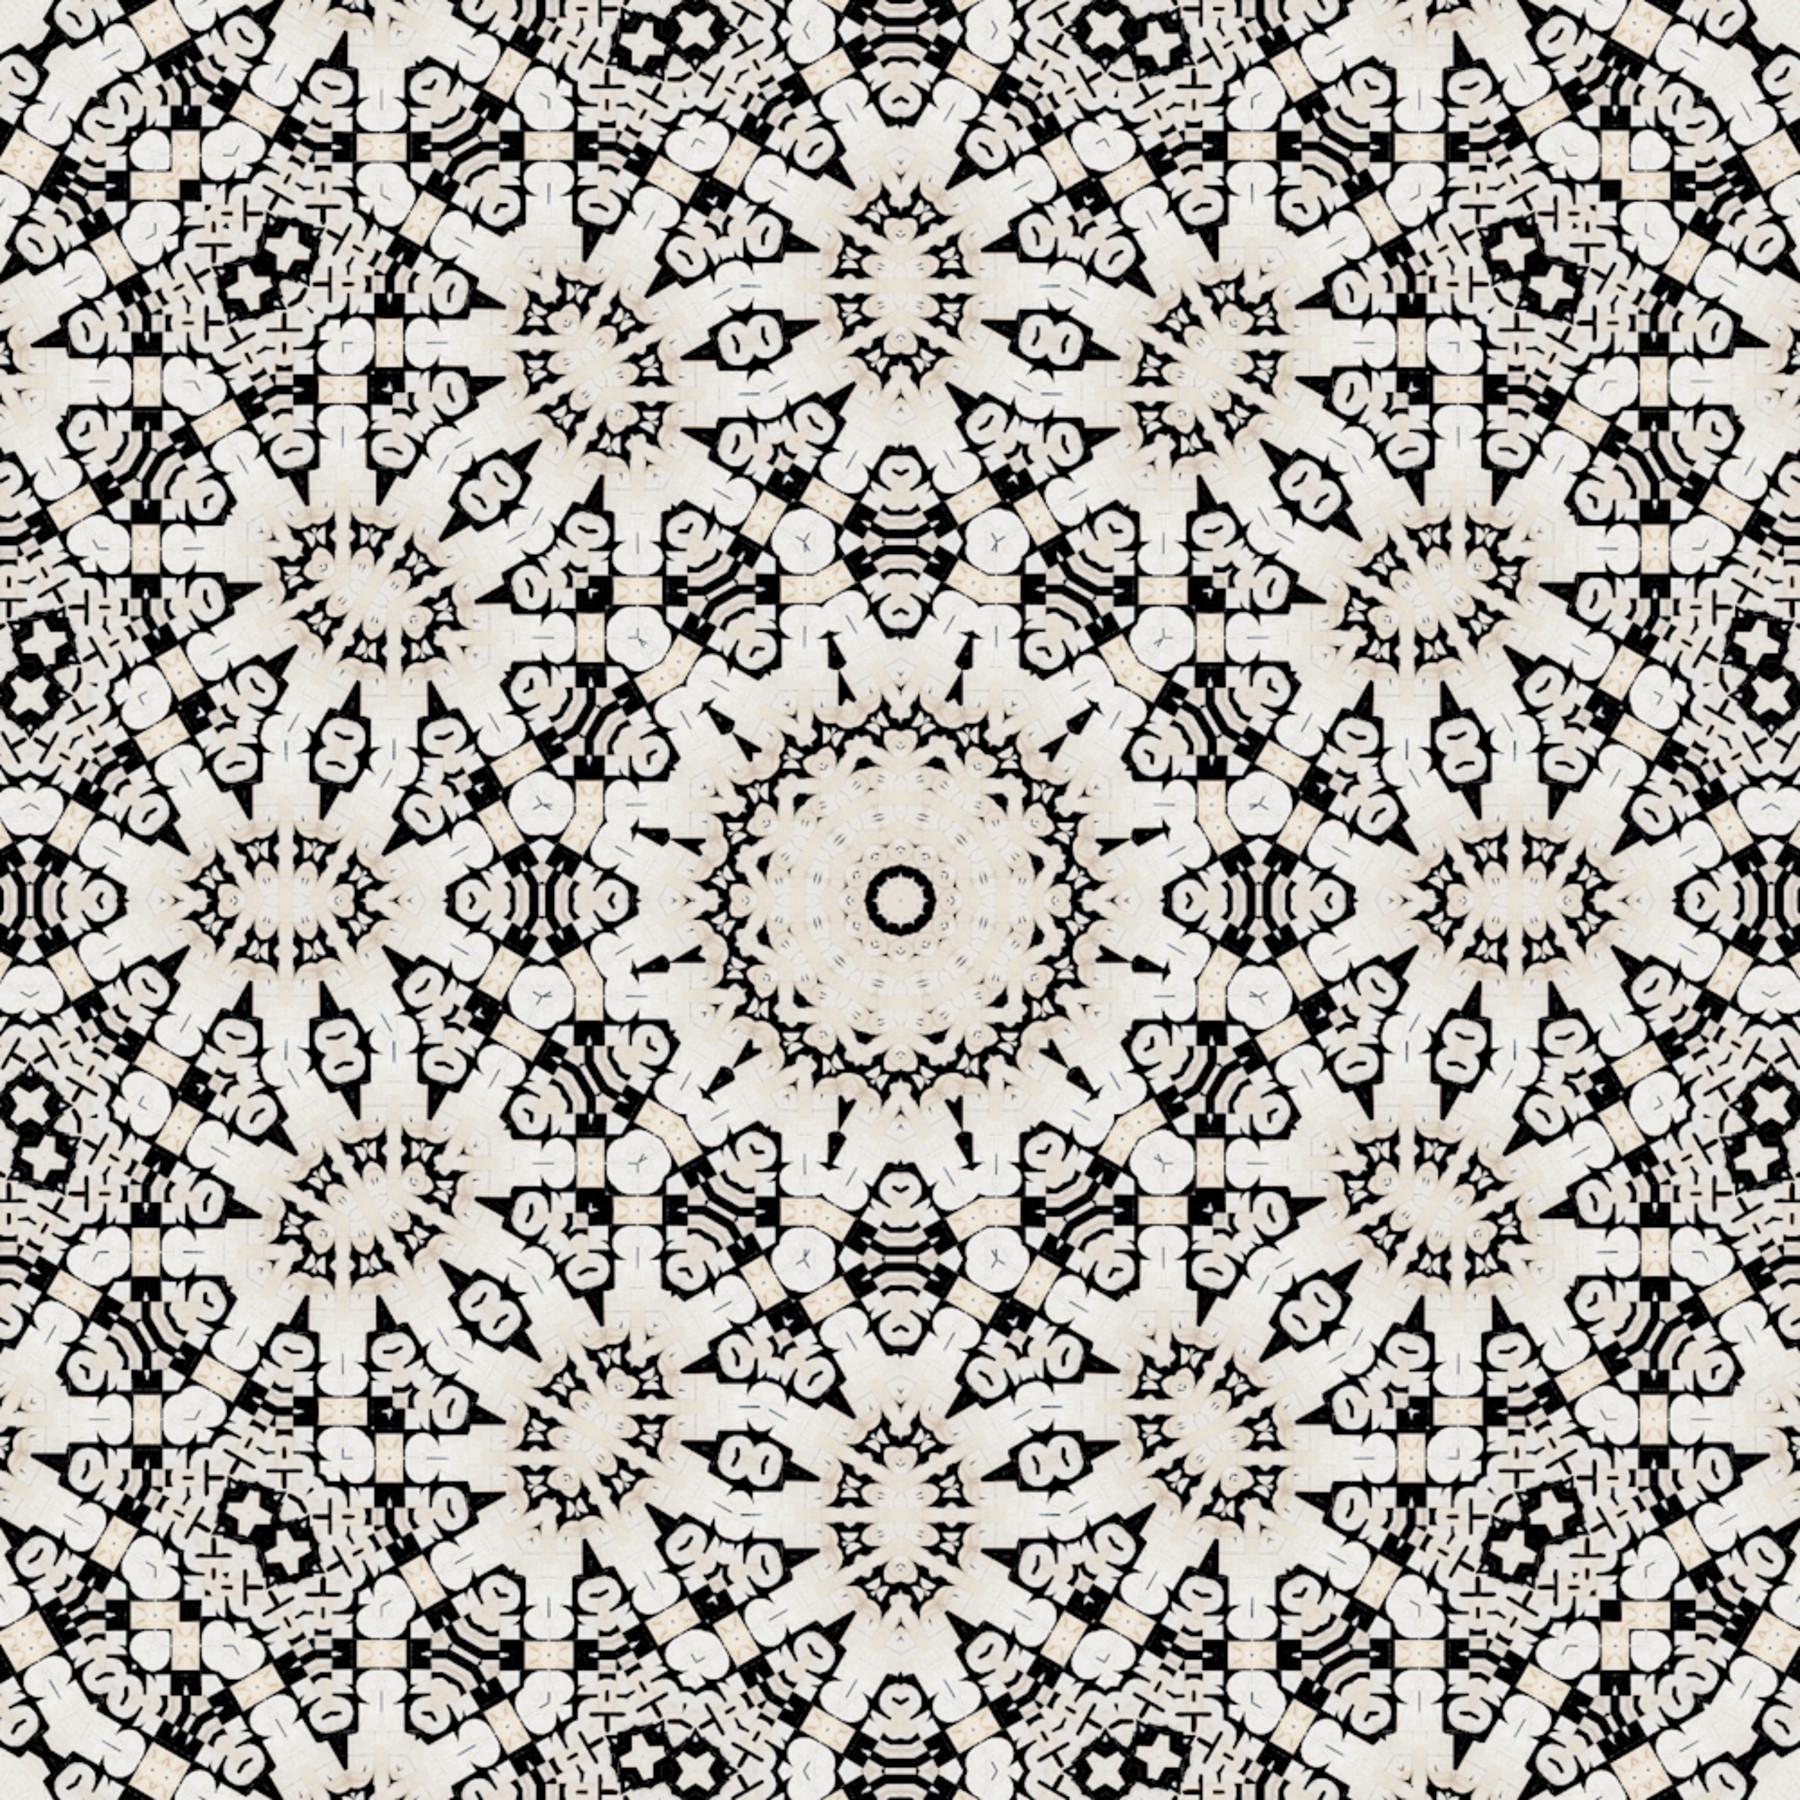 Kaleidoscopics 163 lrytjy